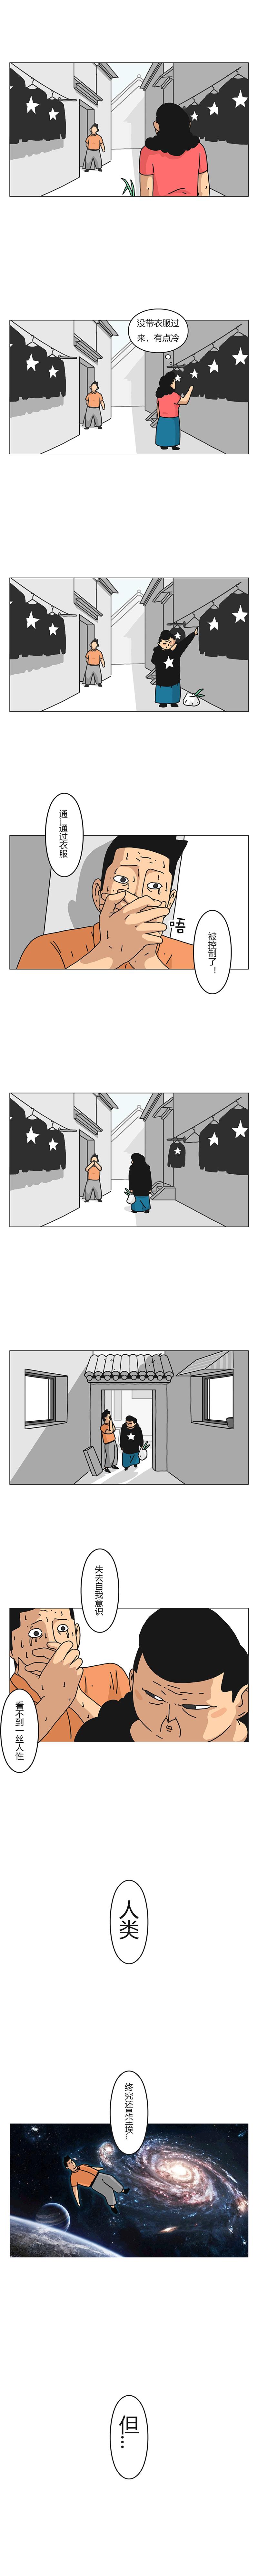 查看《大家好我是郭九二,中秋快乐,真好。》原图,原图尺寸:800x8000